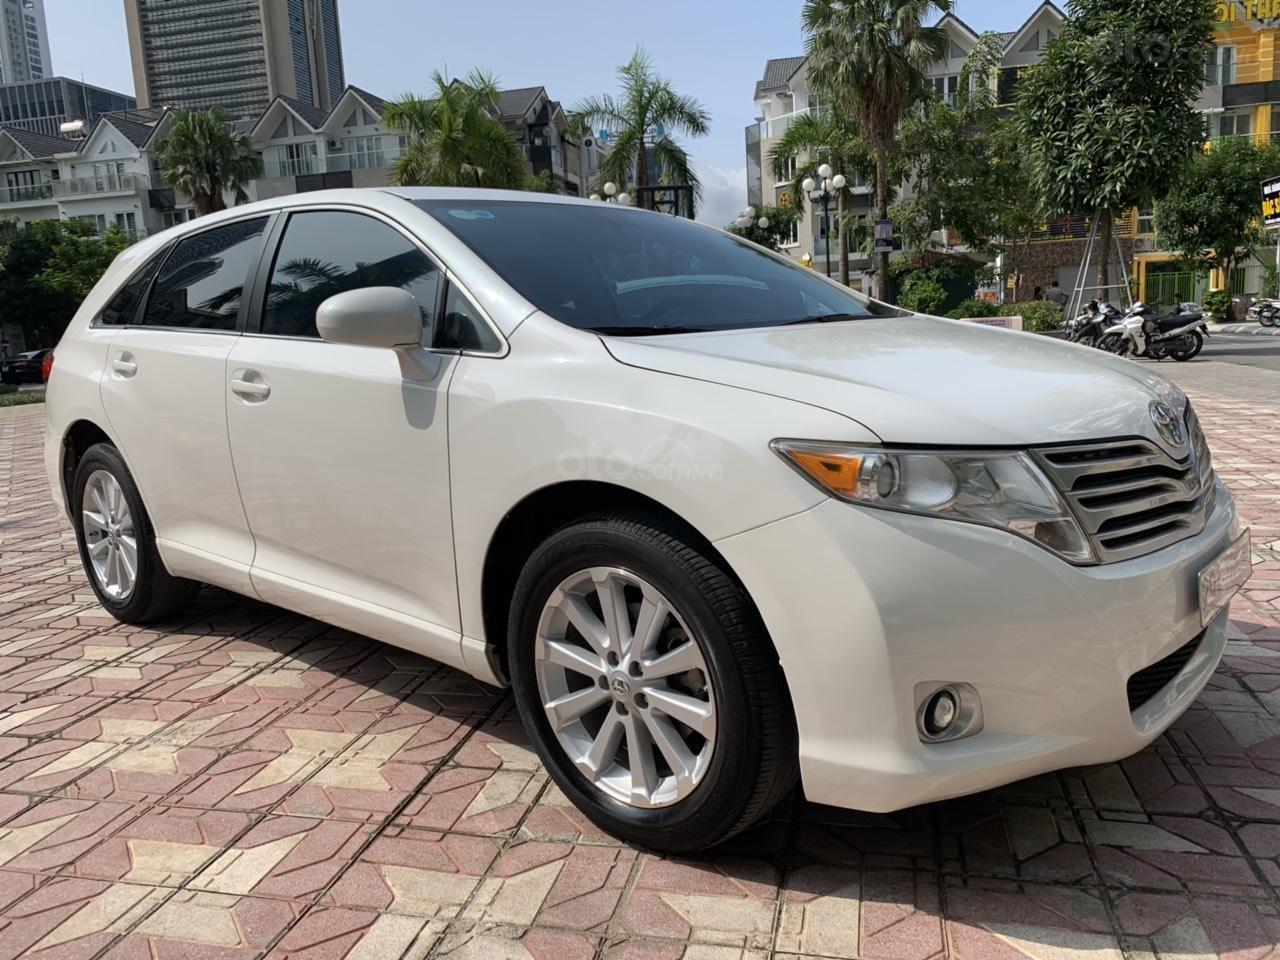 Cần bán Toyota Venza đời 2009, màu trắng, giá tốt (1)